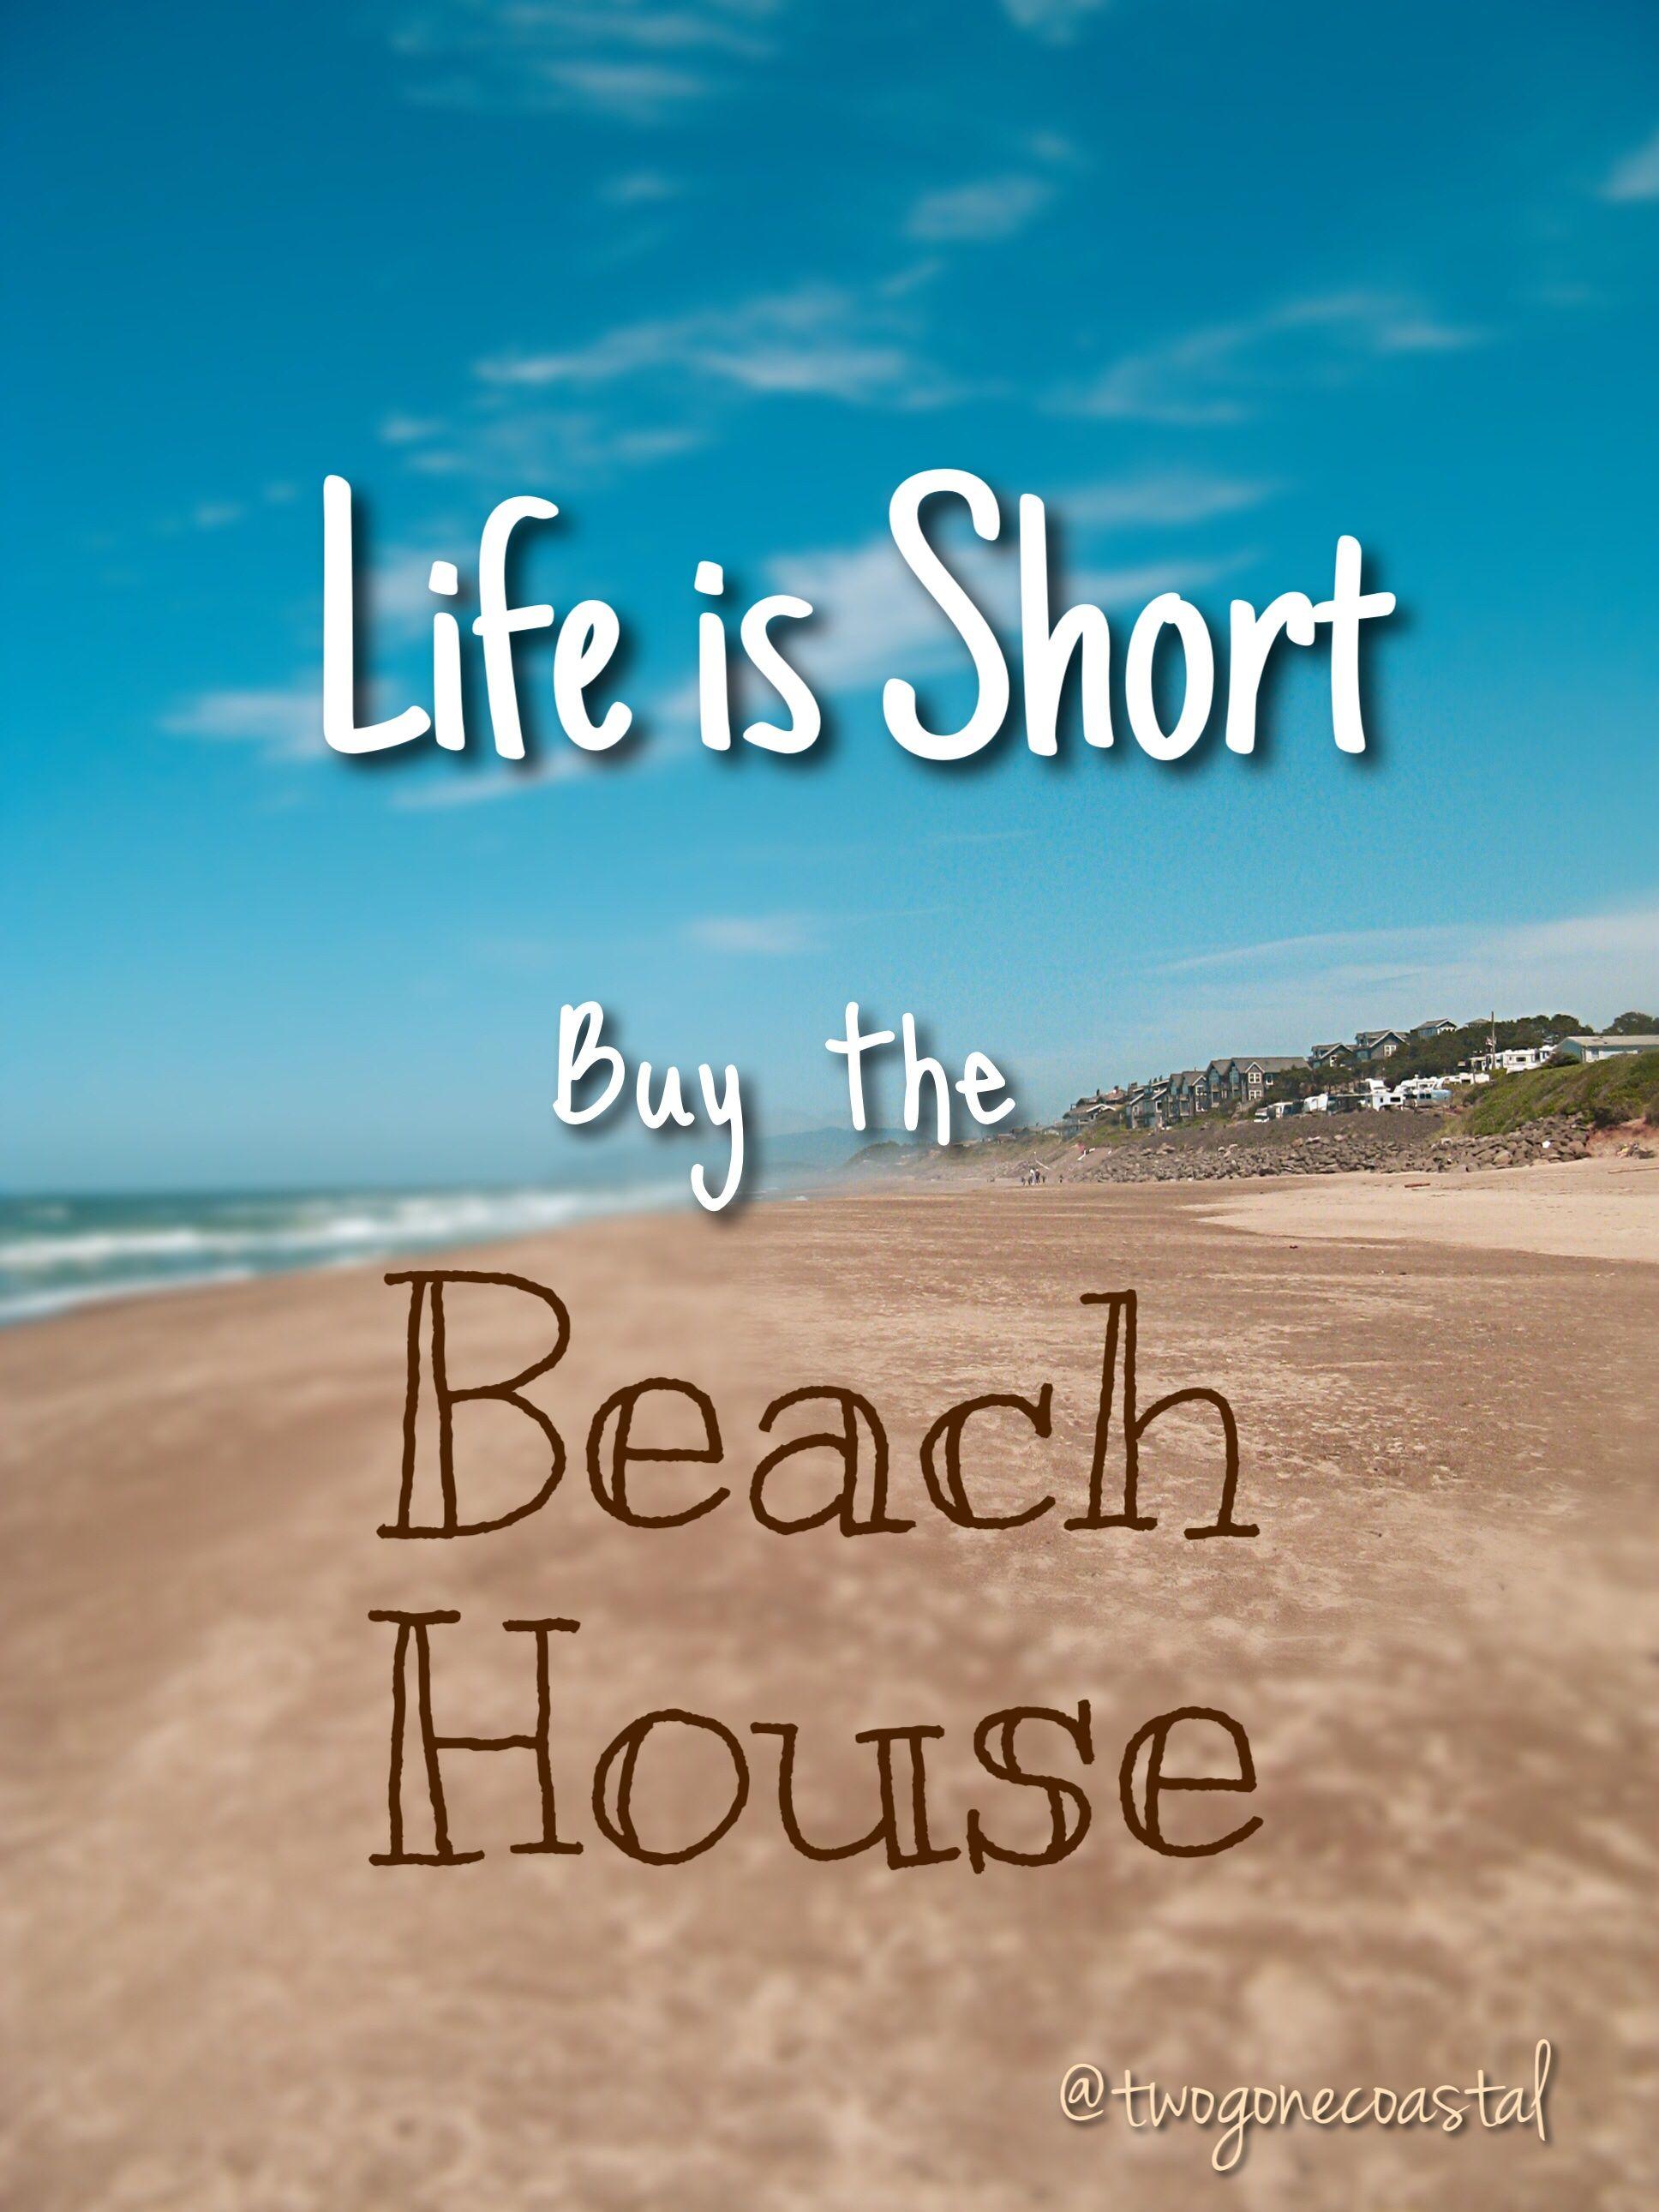 Life Is Short Buy The Beach House Beach Quotes Beach Dream Beach